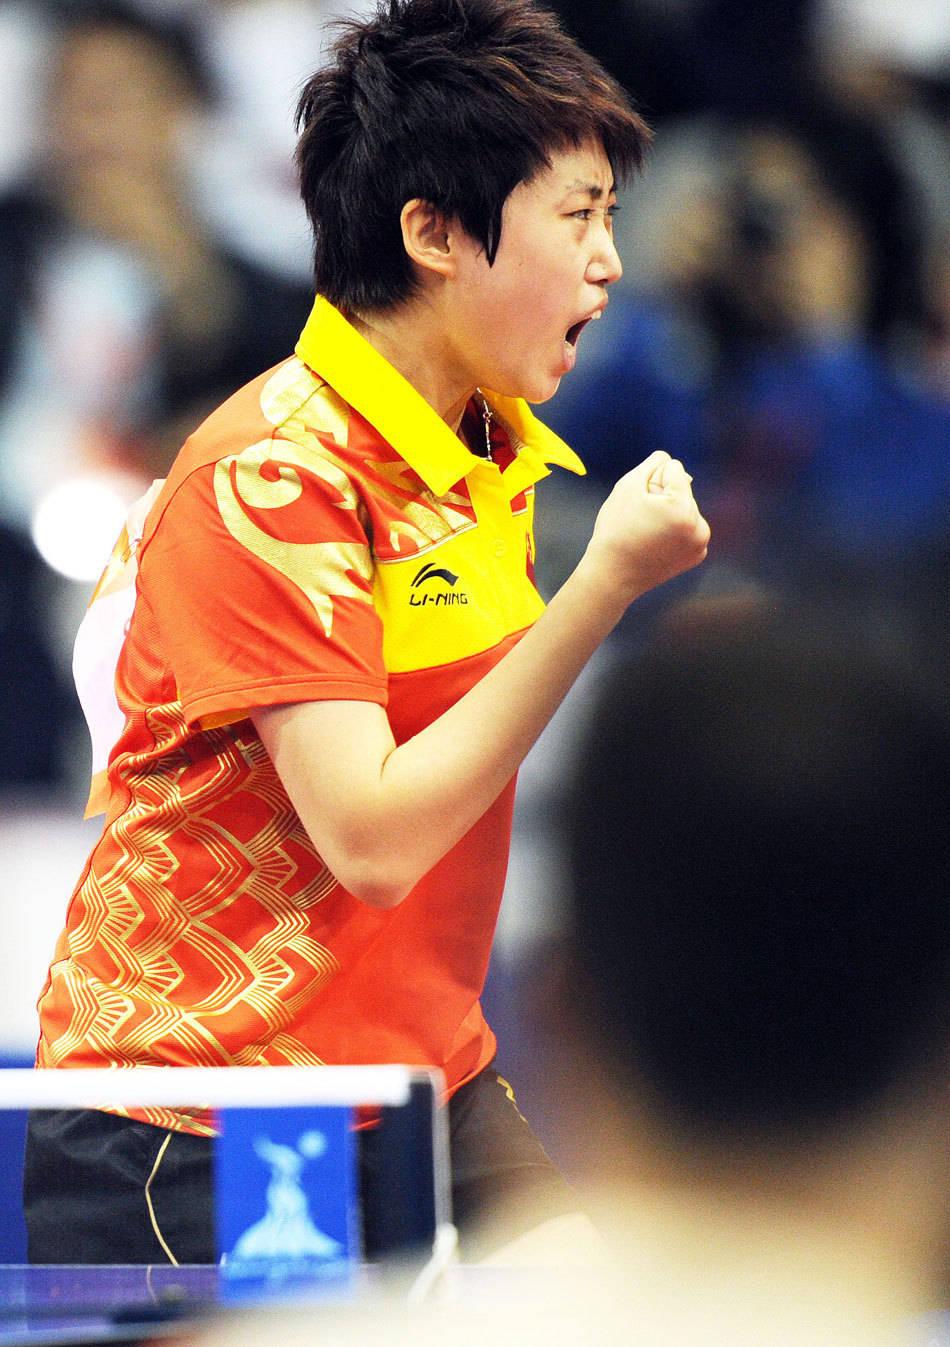 奥运冠军郭跃,肤色白皙五官精致,和她运动员时期的样子相差极大